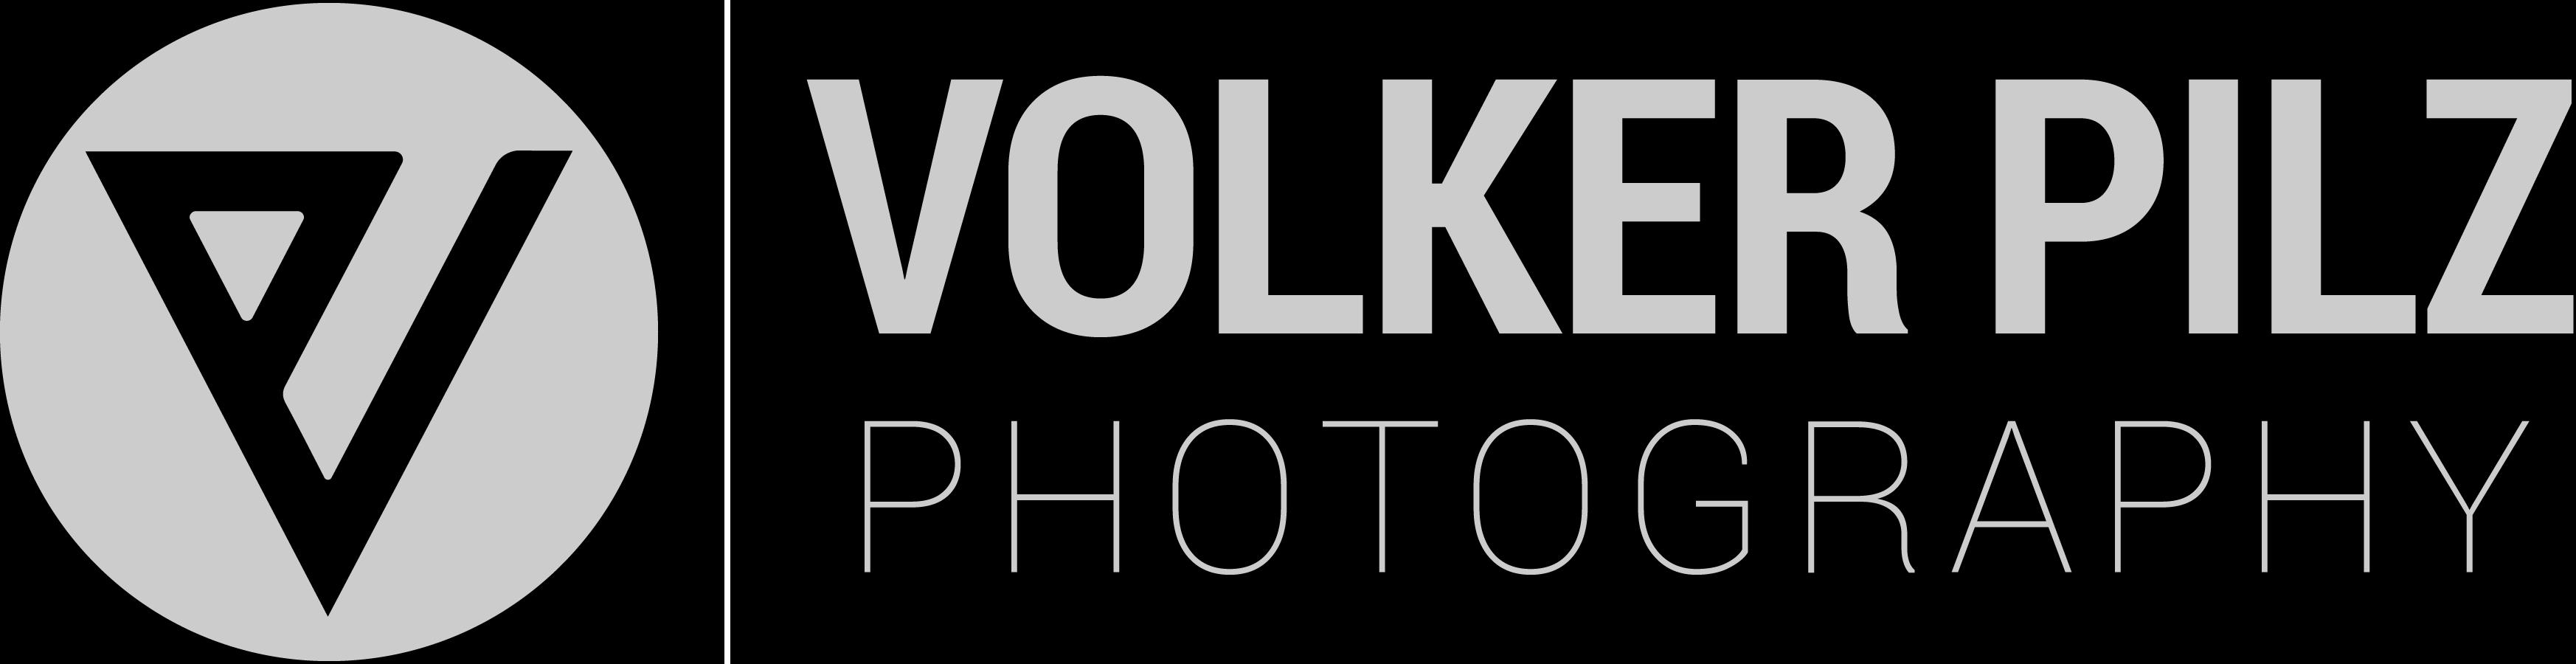 VOLKER PILZ PHOTOGRAPHY